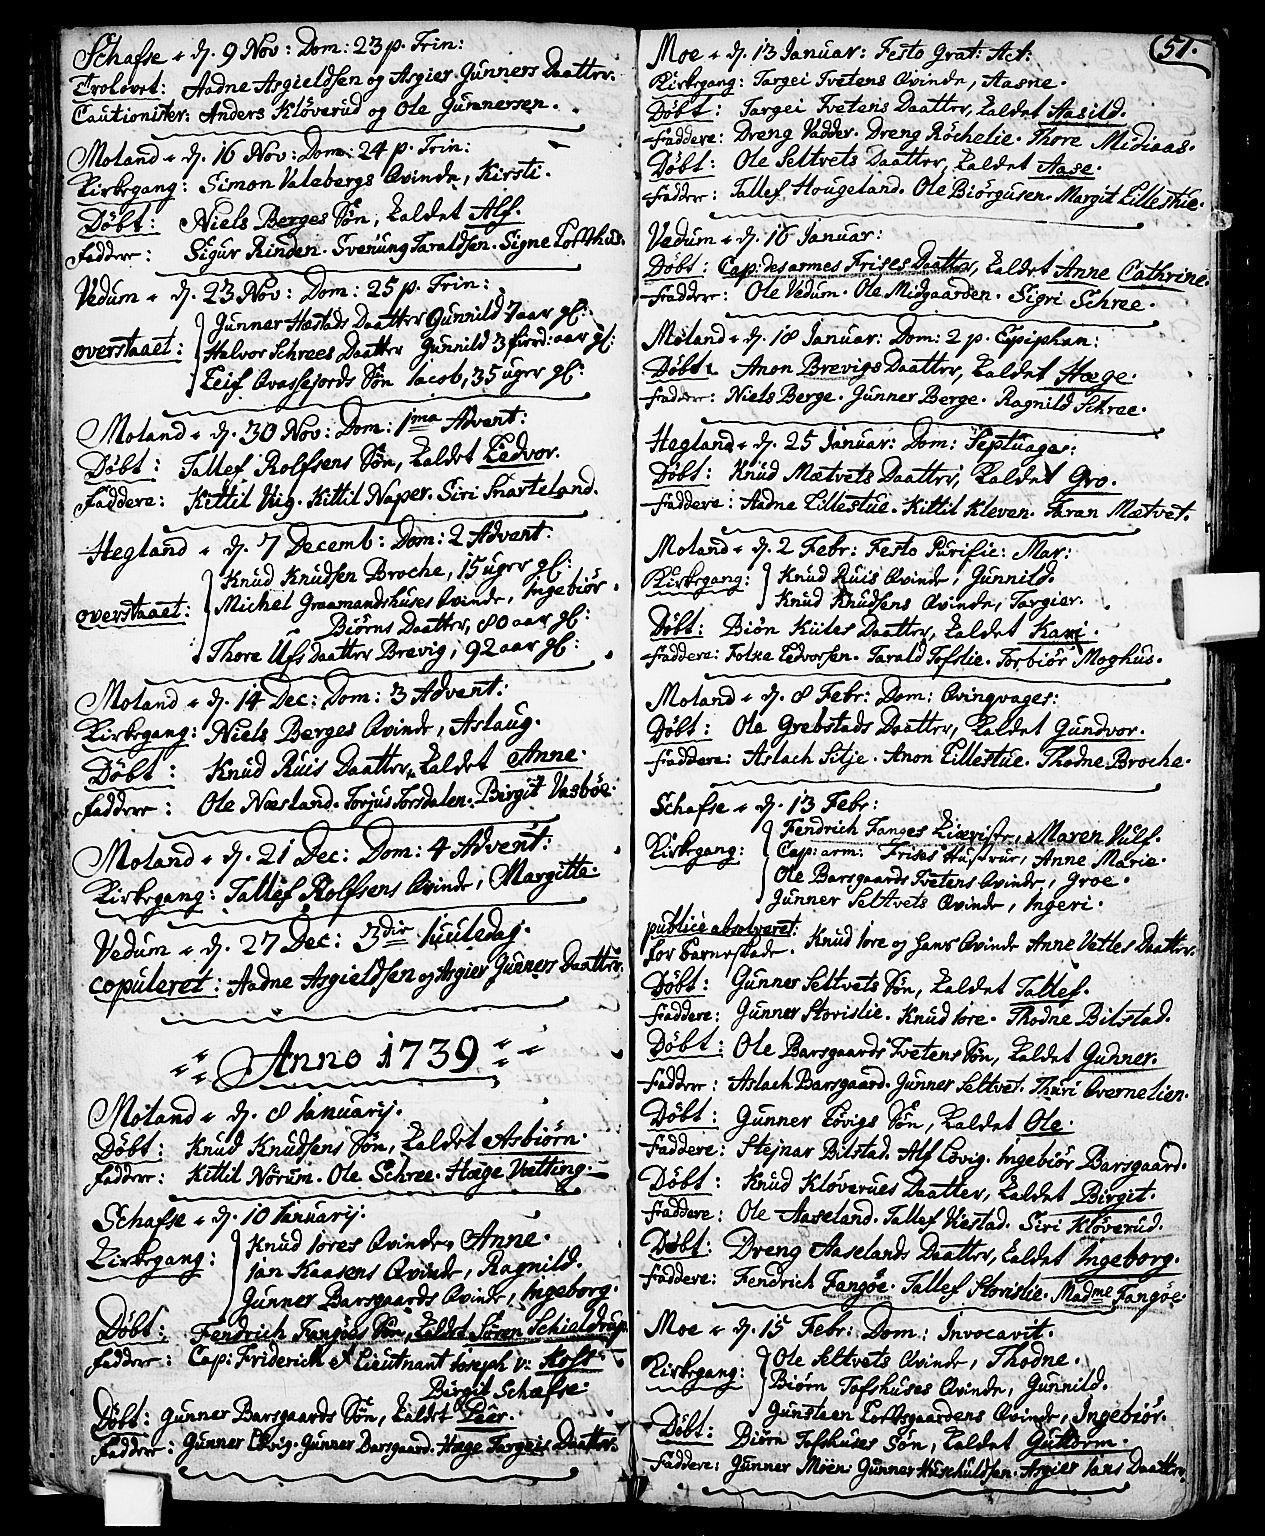 SAKO, Fyresdal kirkebøker, F/Fa/L0001: Ministerialbok nr. I 1, 1724-1748, s. 51